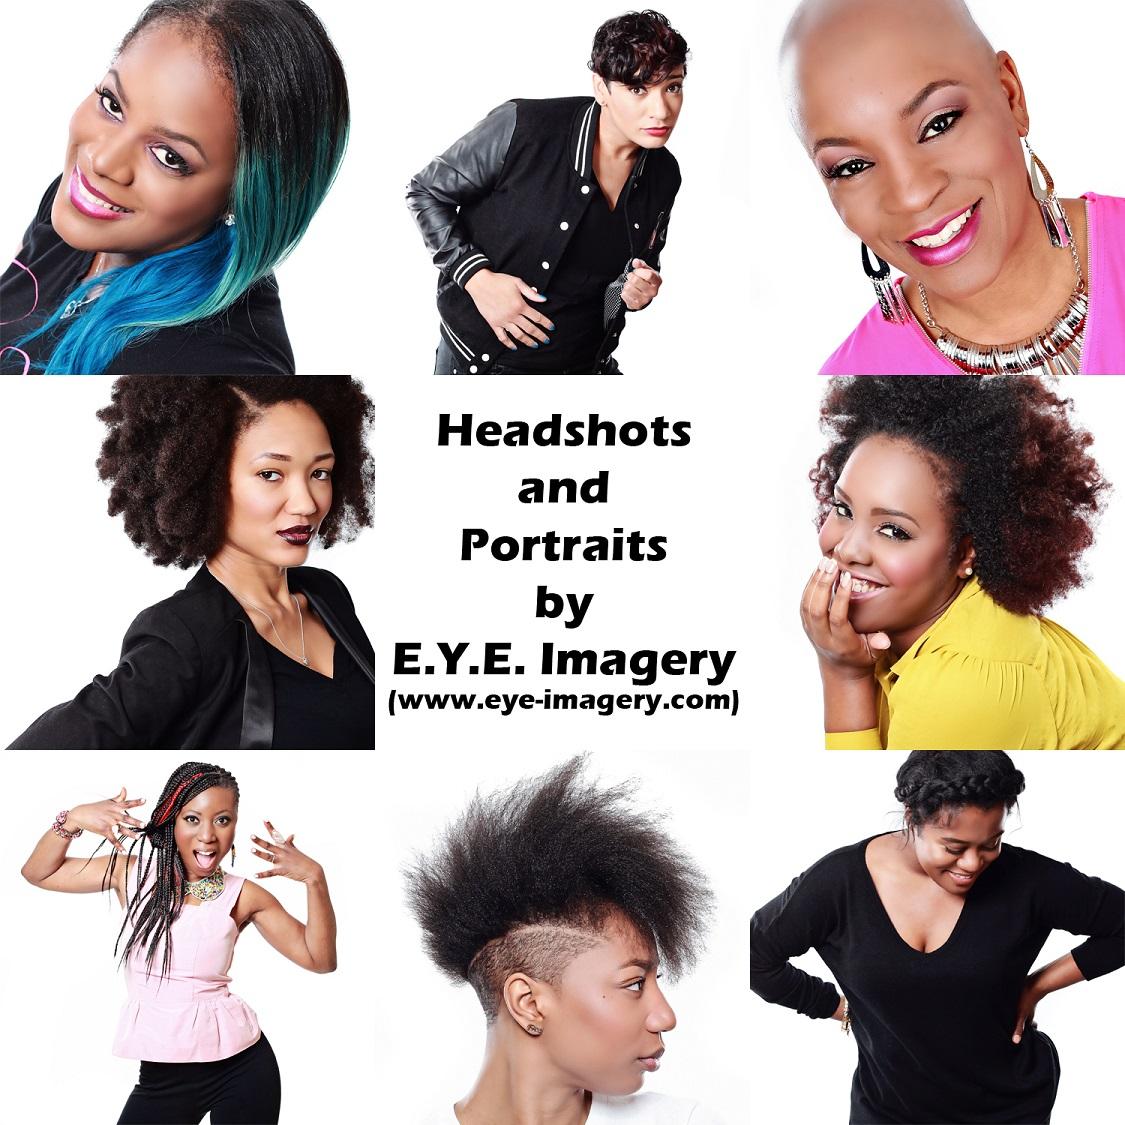 E.Y.E. Imagery Promo